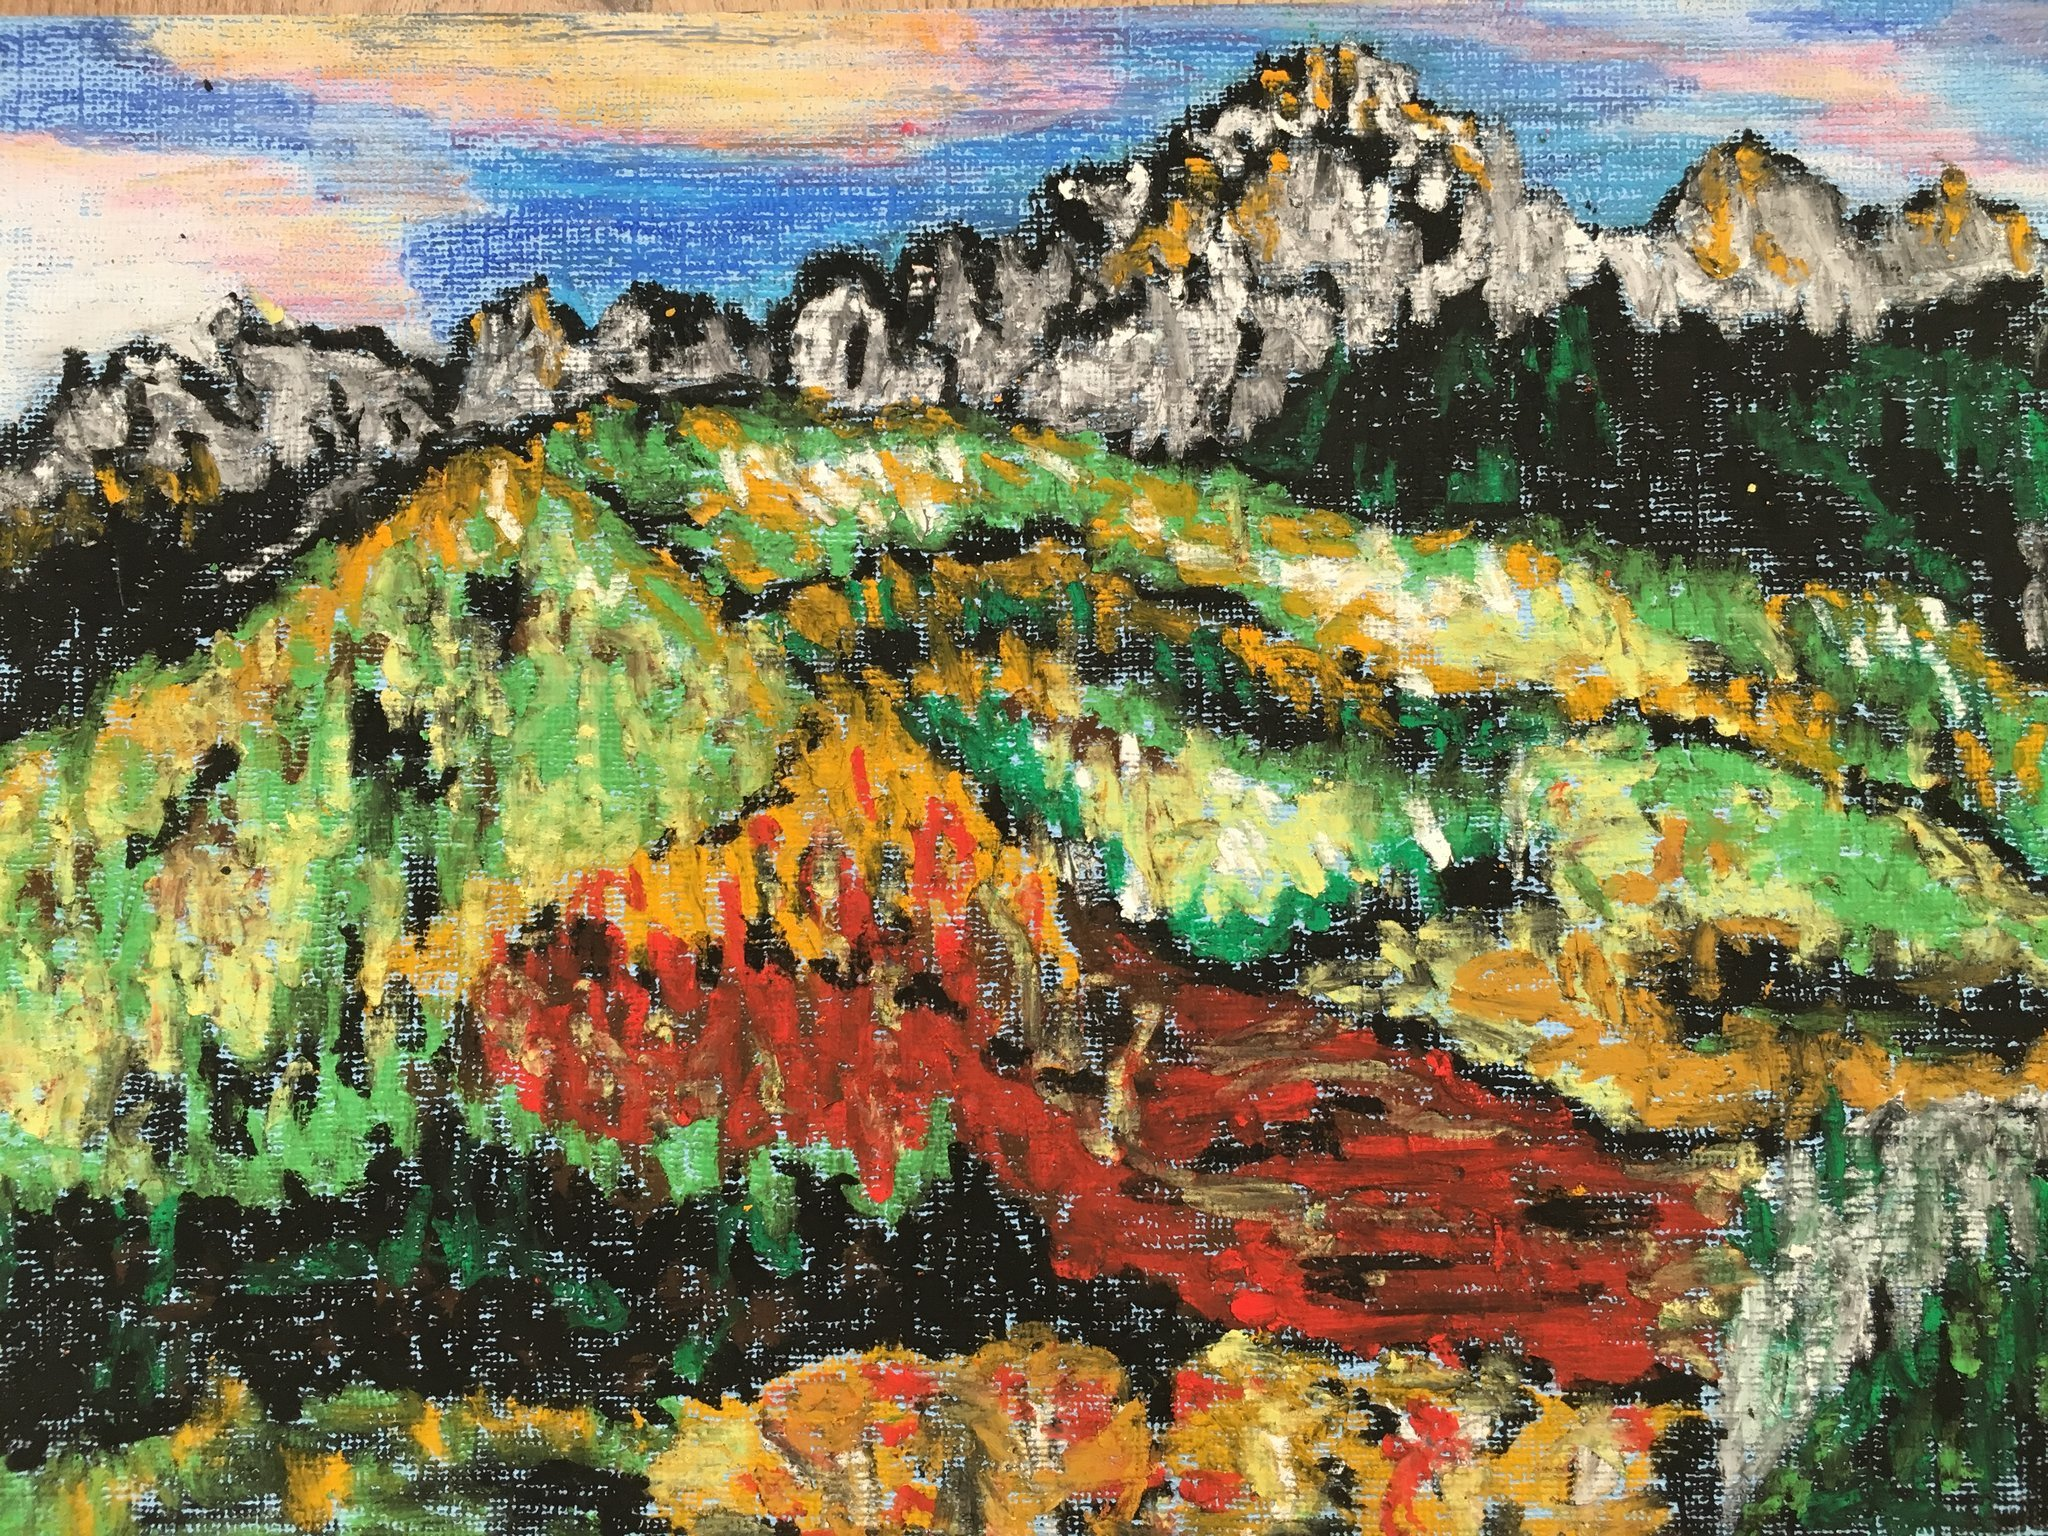 Carpathians 1